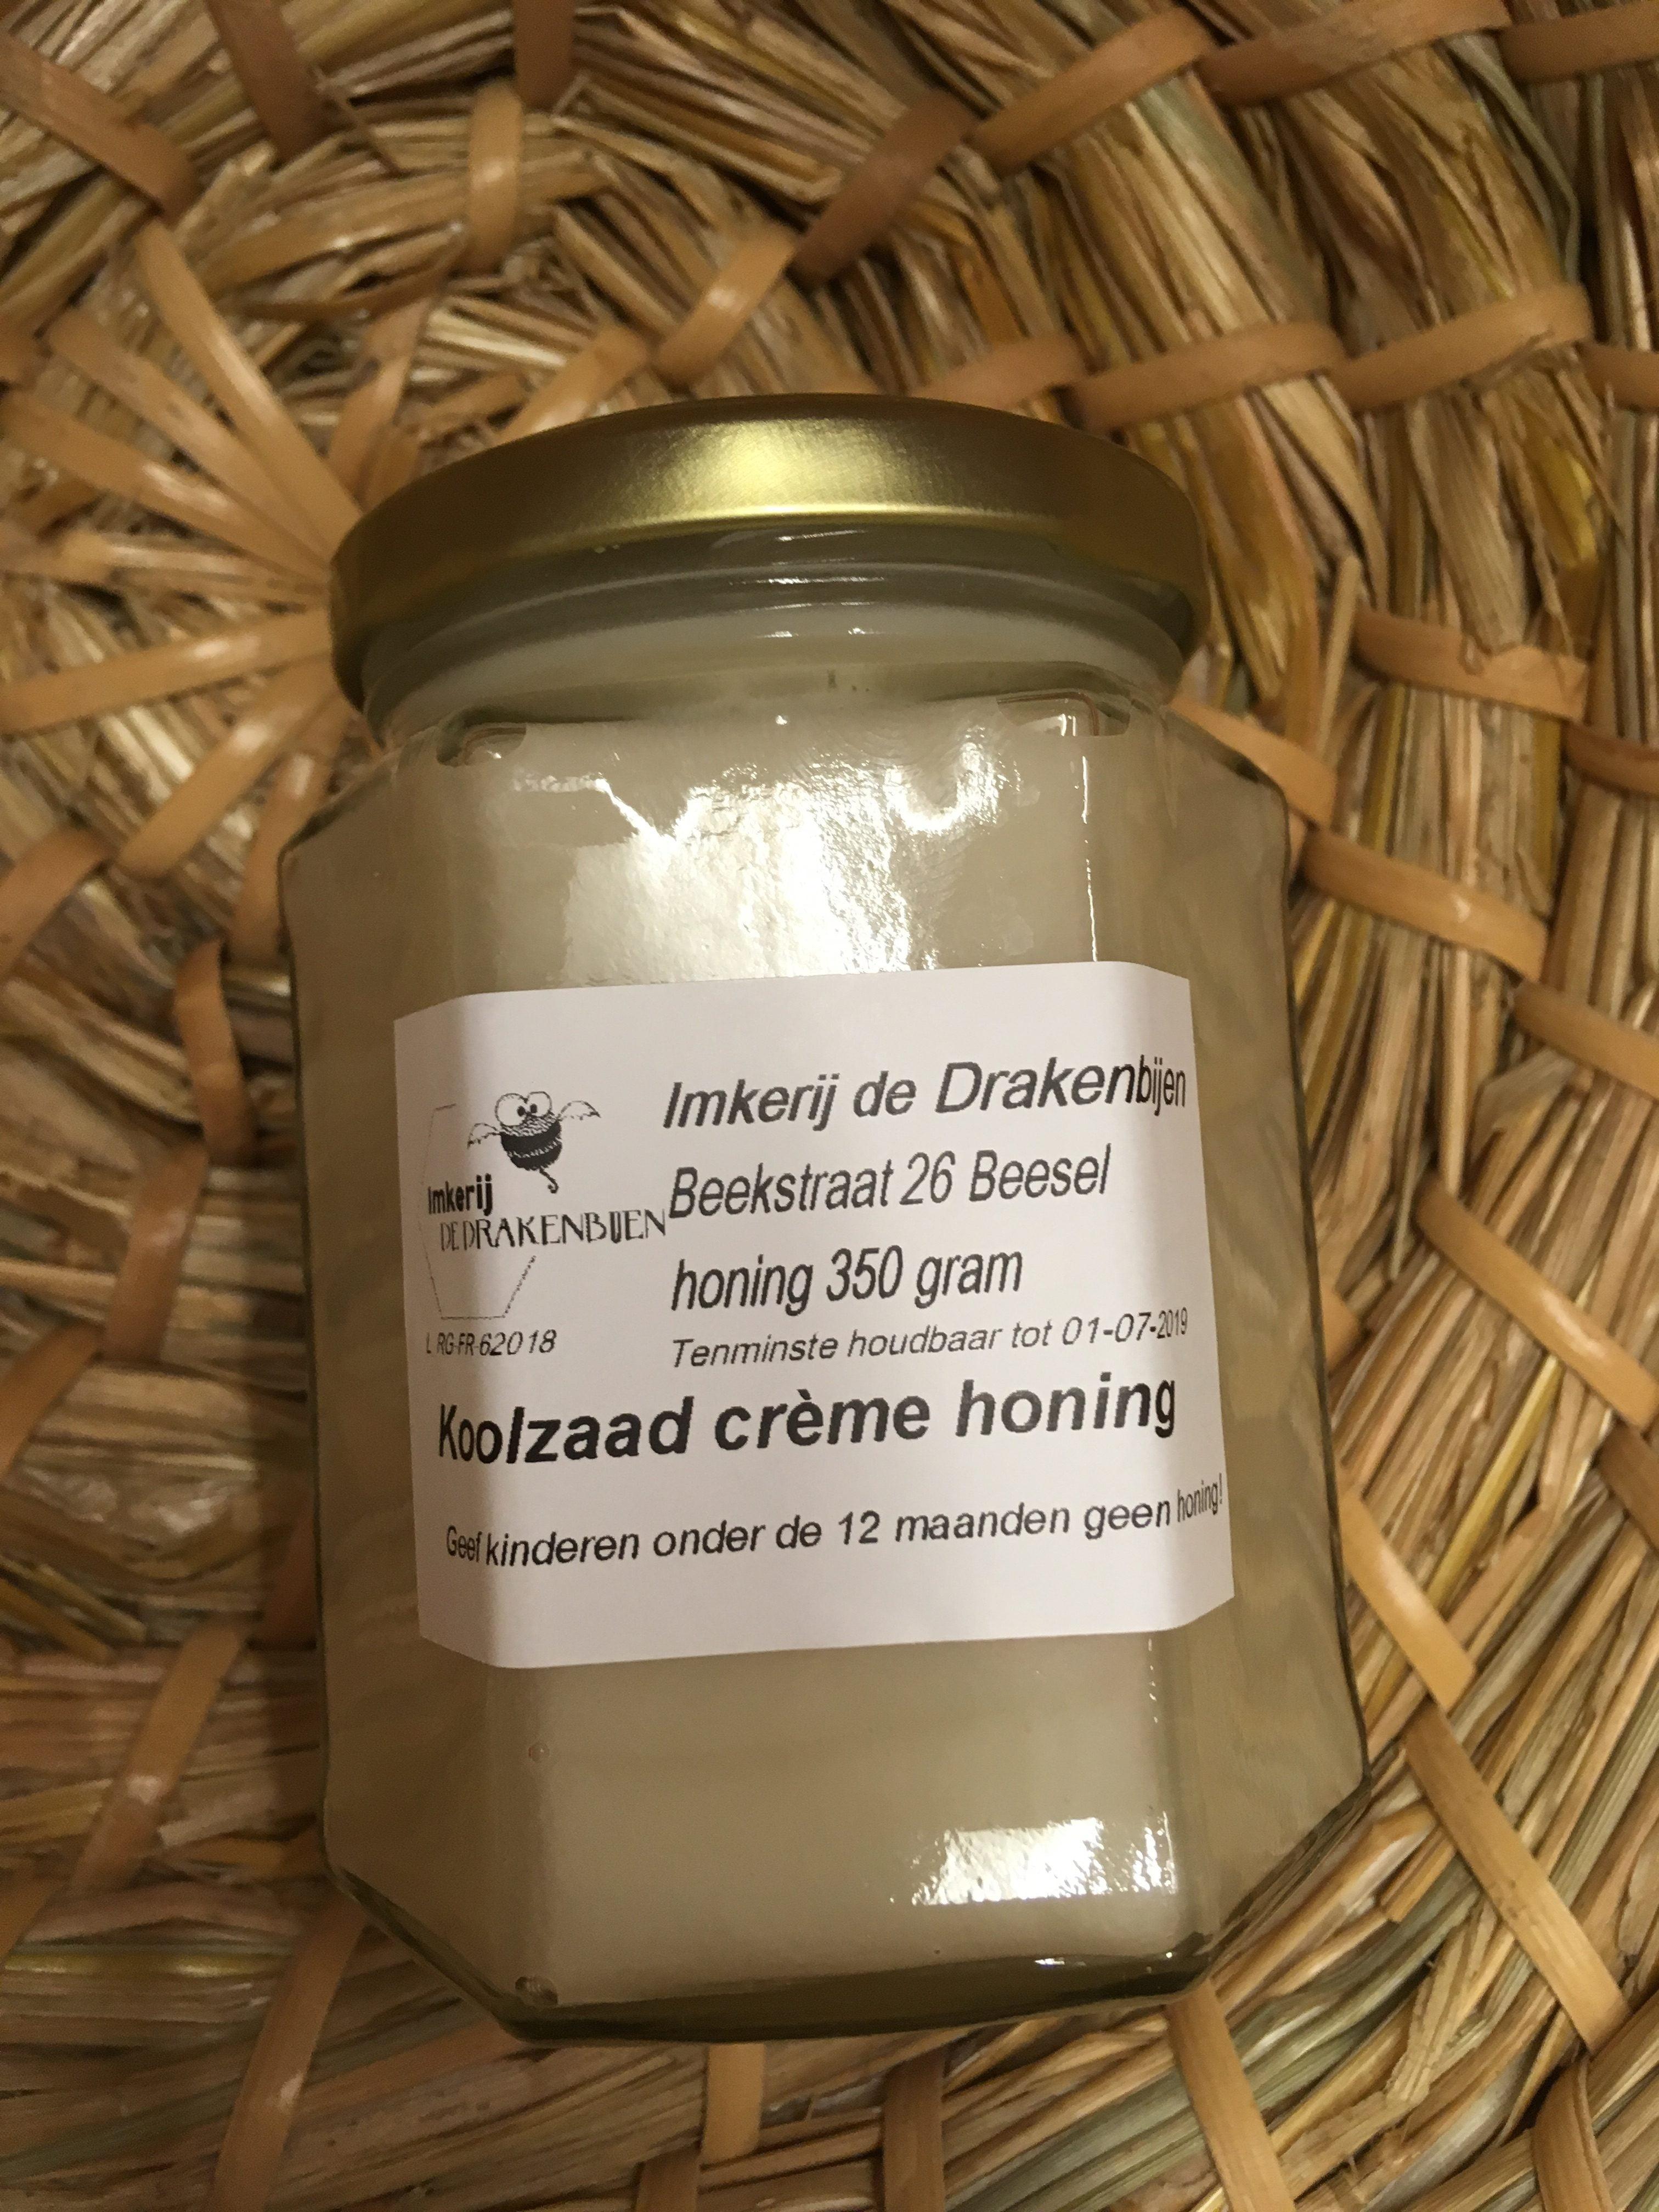 Koolzaad creme honing